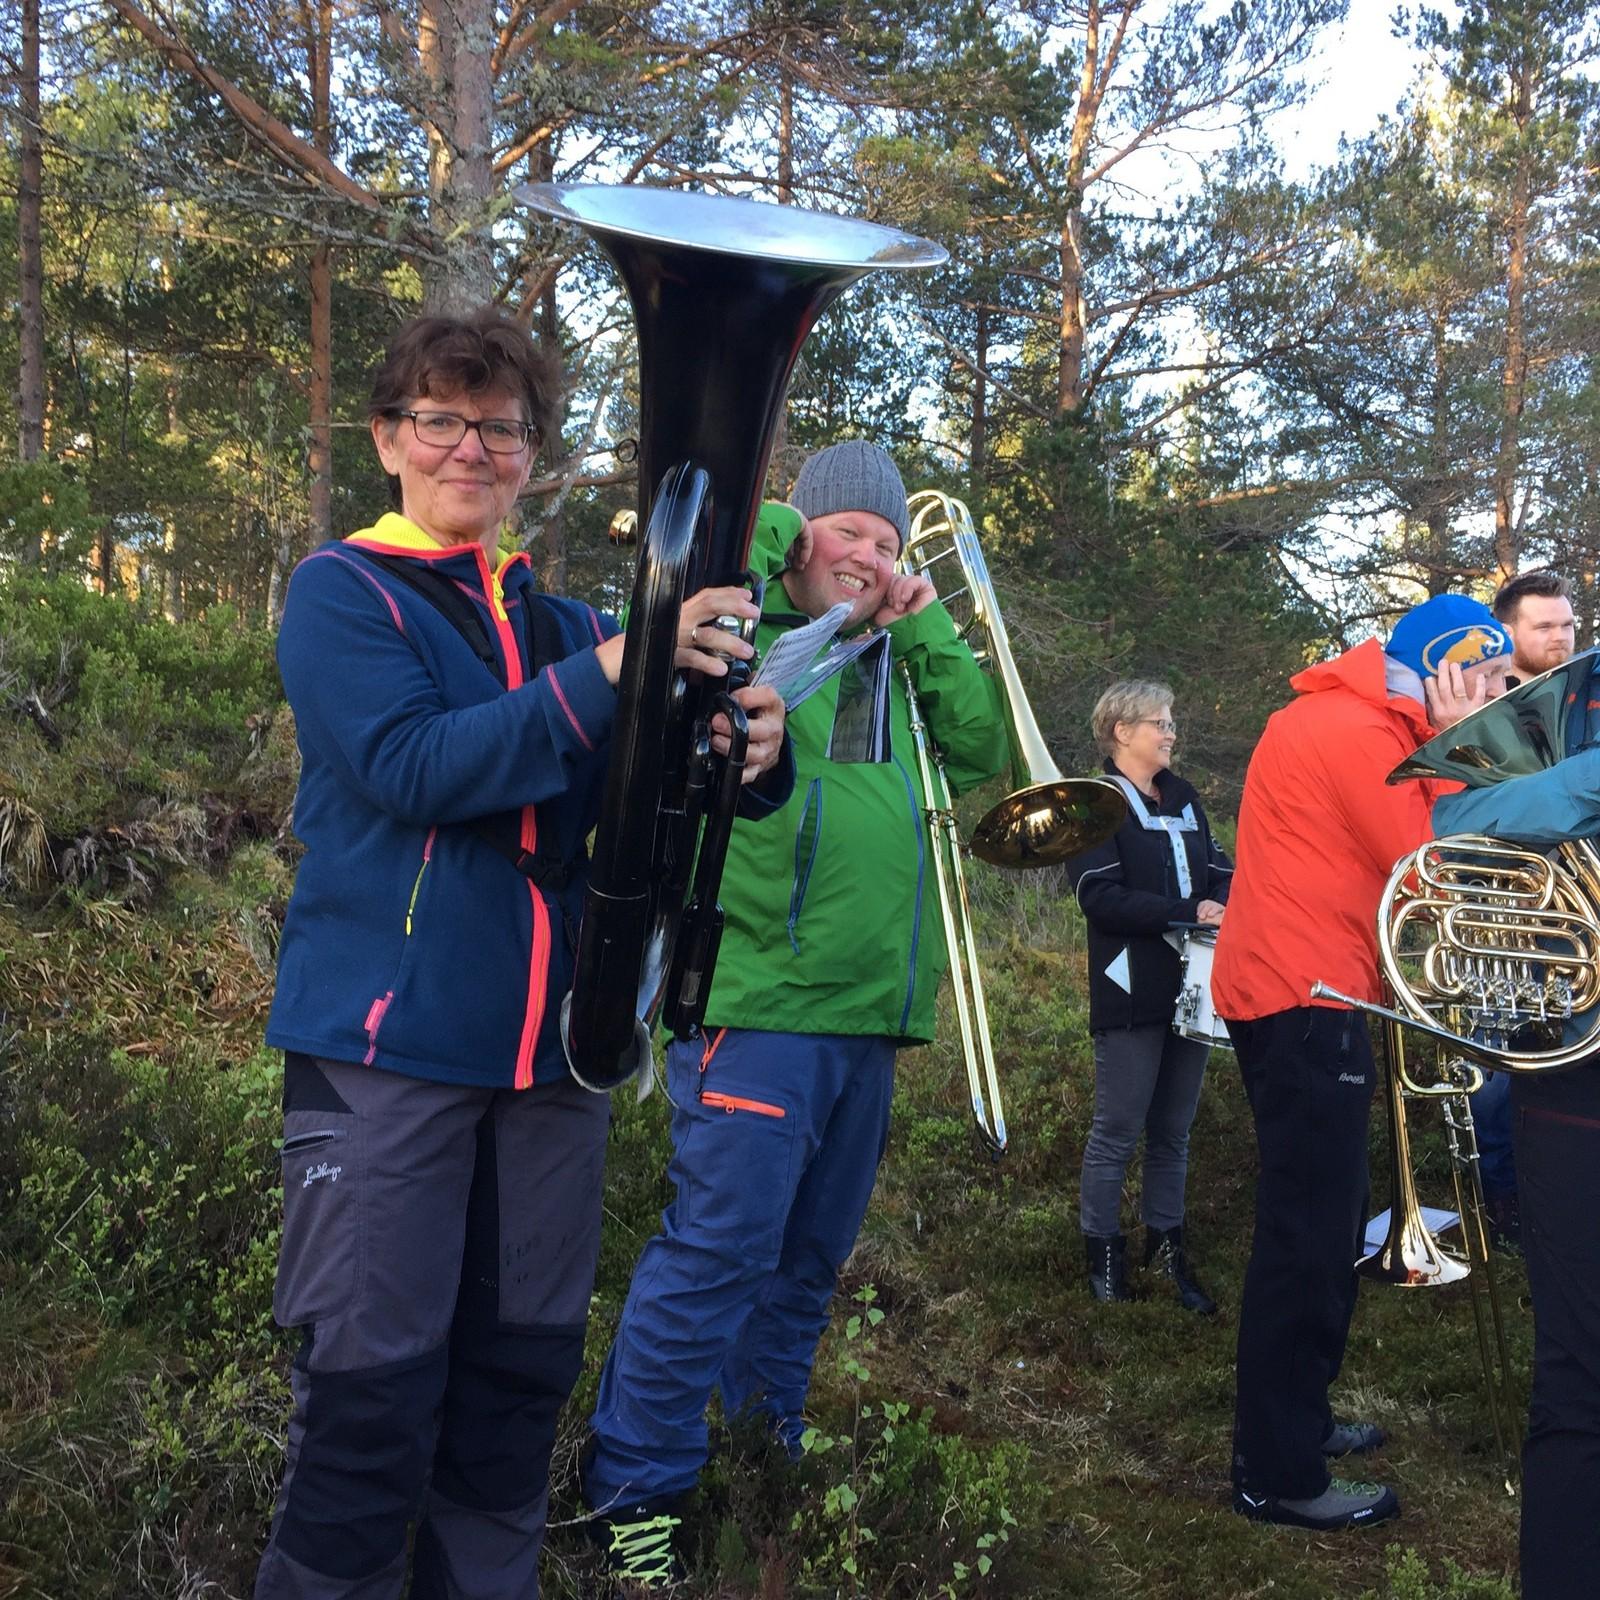 Musikklaget Brage var i aksjon alt klokka 07 i dag tidleg, og spelte på Kollen i Spjelkavik i Ålesund.